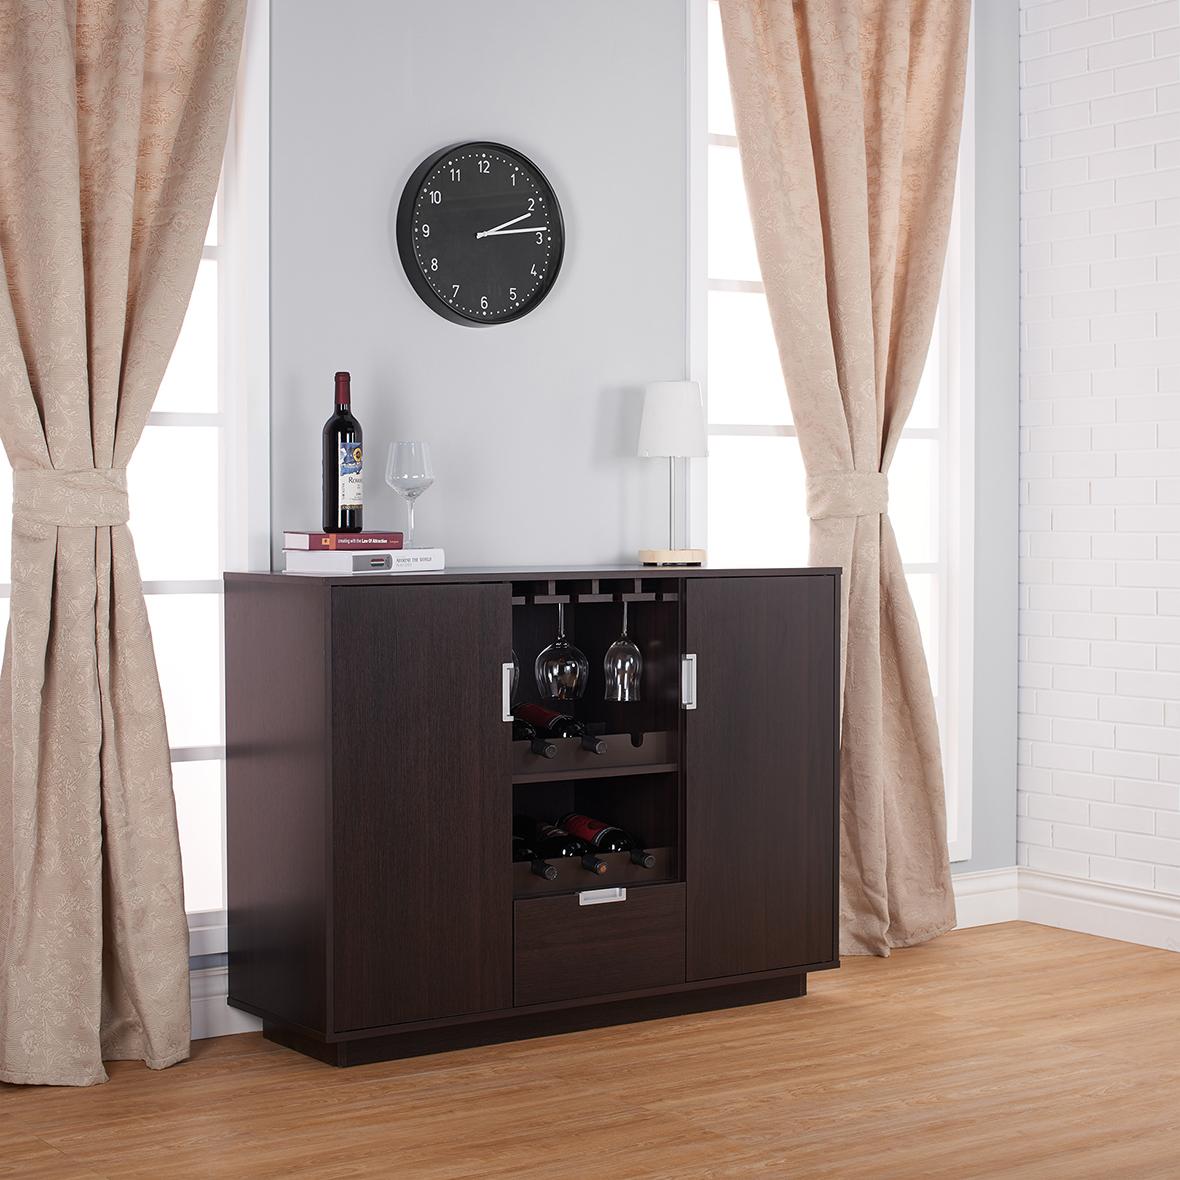 Armario para vinos | Fabricantes de muebles para el hogar - Slicethinner